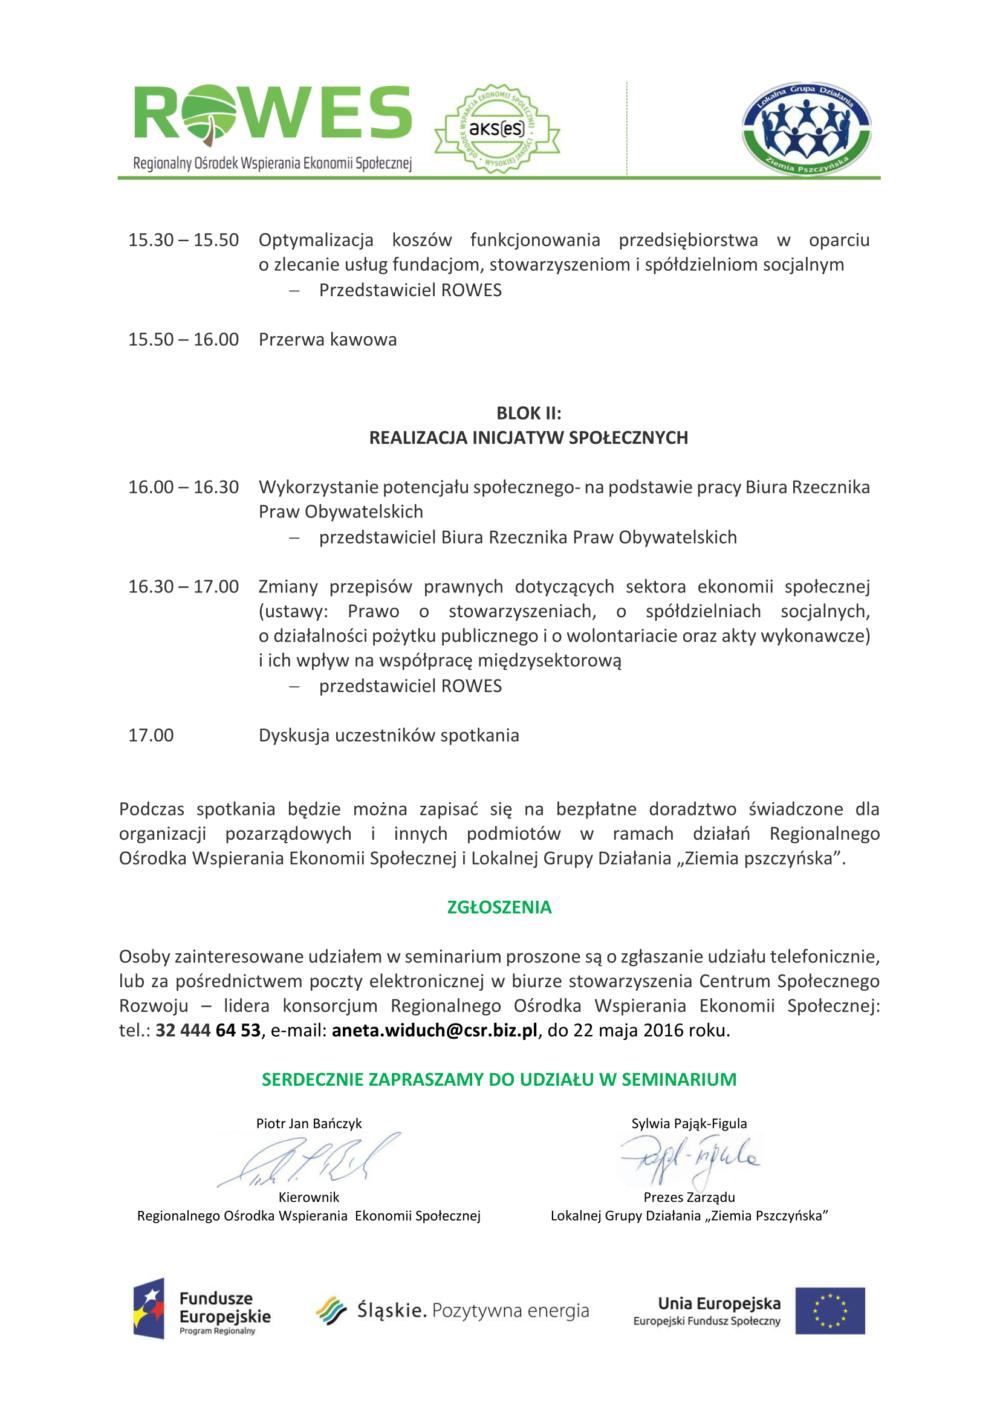 spotkanie dla NGO i sektra publicznego, prywatnego 27.05.2016-01